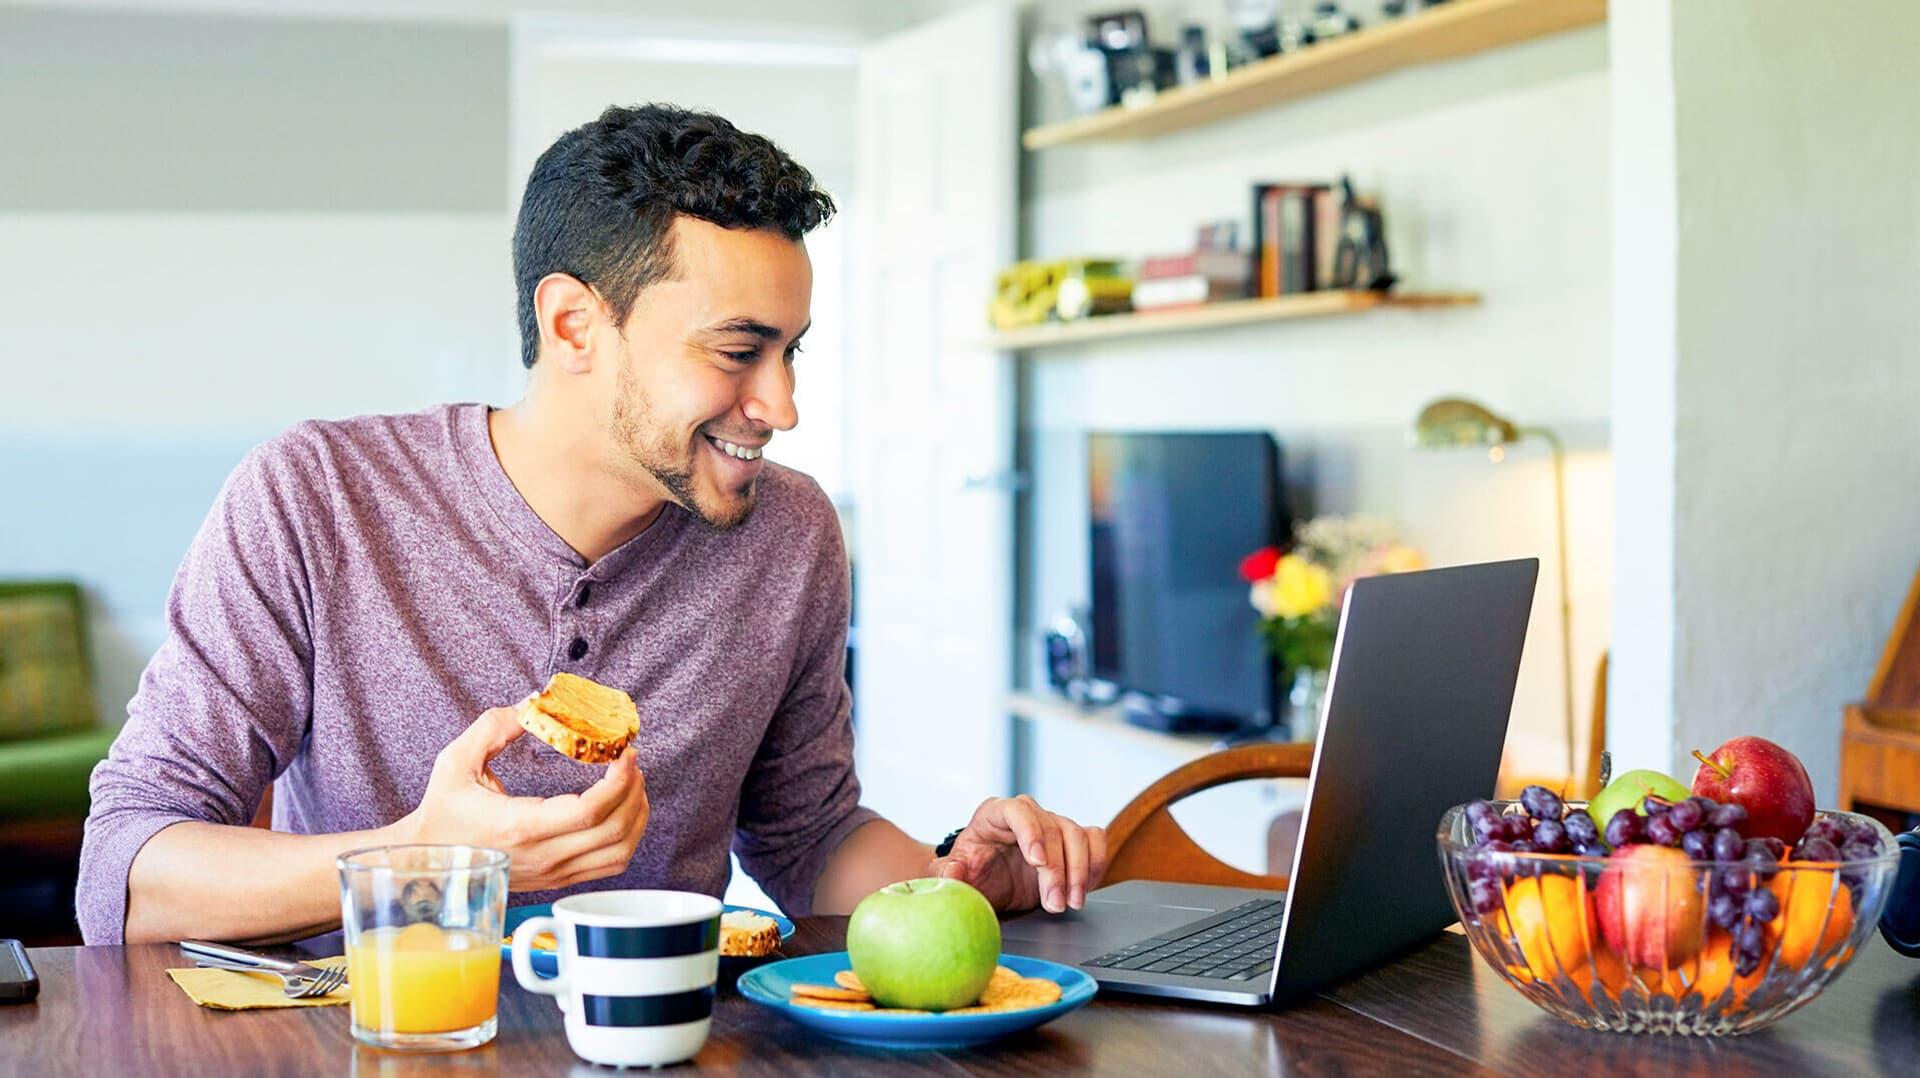 Mann mit Brotscheibe in der Hand sitzt an Computer und lacht